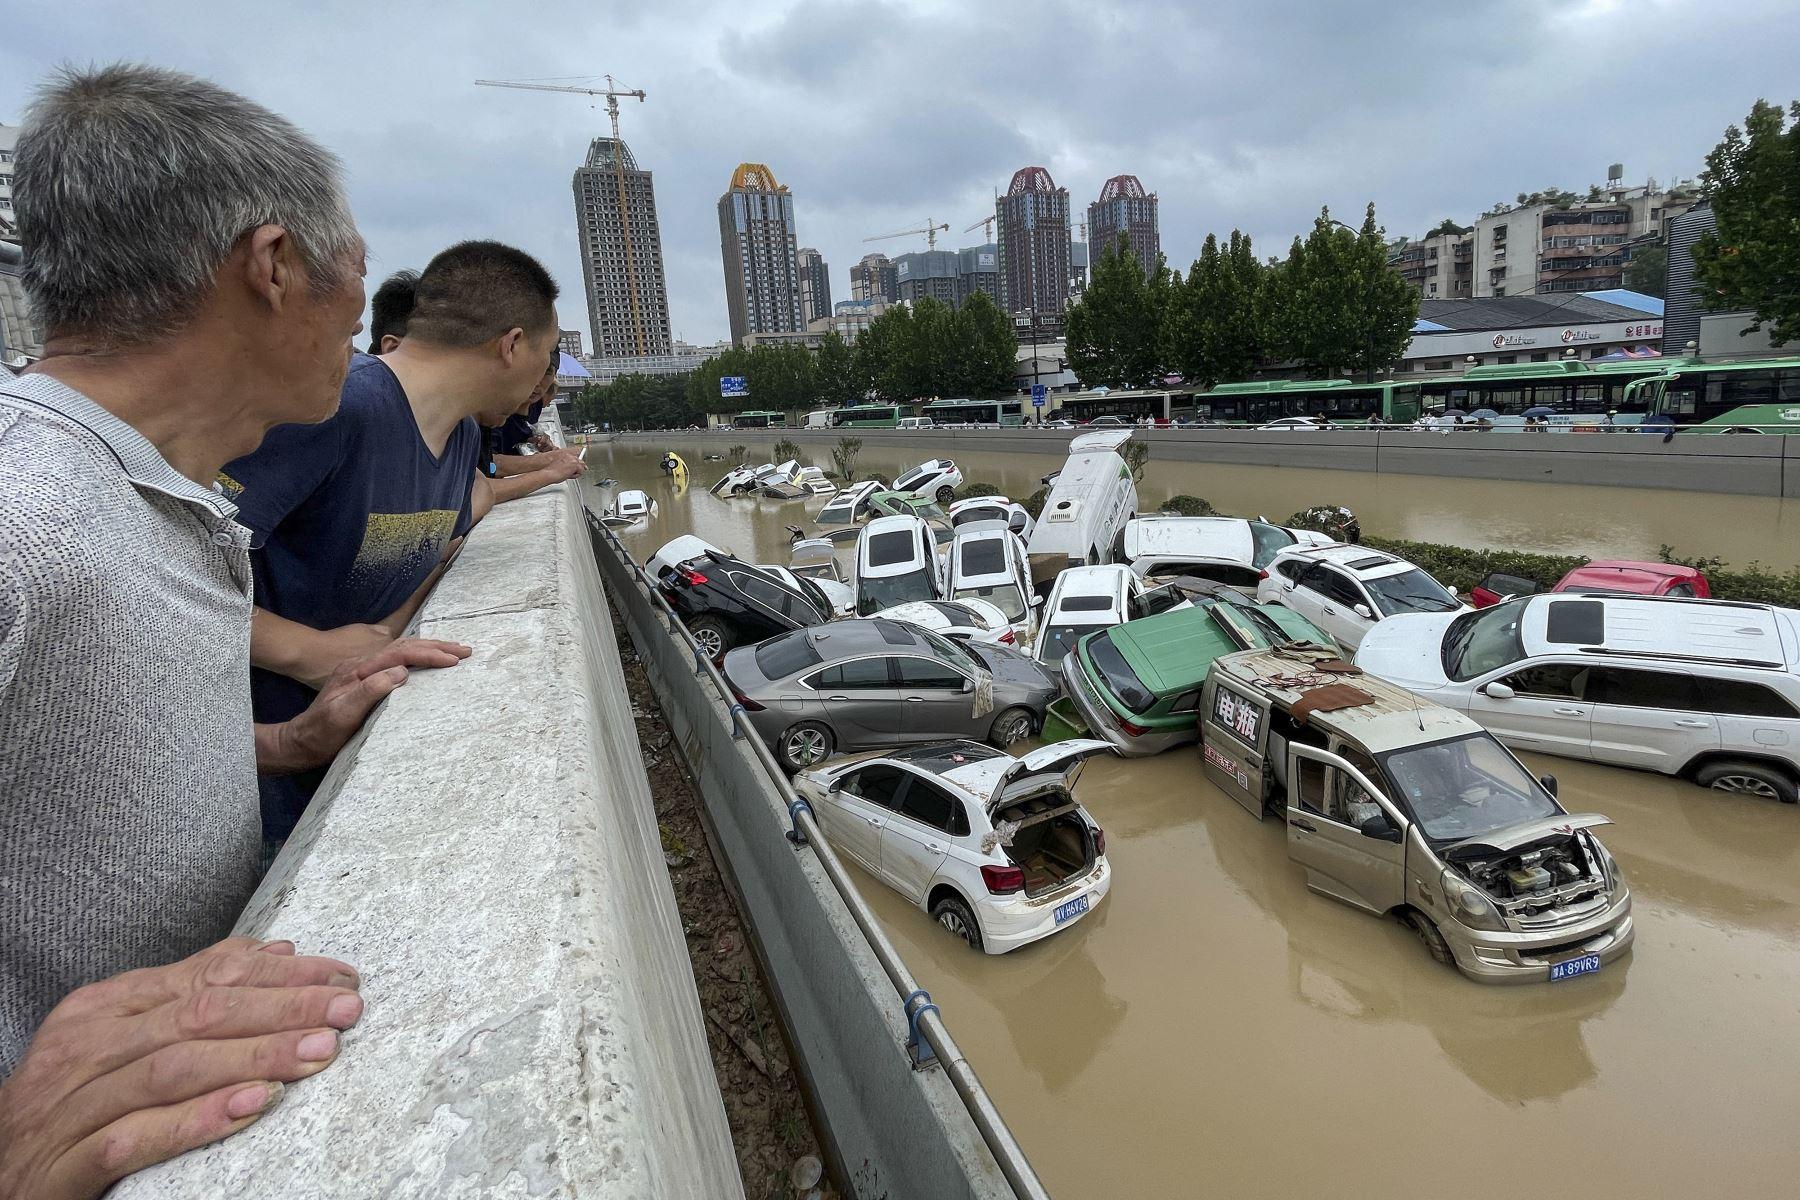 Personas observan los automóviles que quedaron sumergidos tras las fuertes lluvias en la ciudad de Zhengzhou, en la provincia central de Henan, en China. Foto: AFP